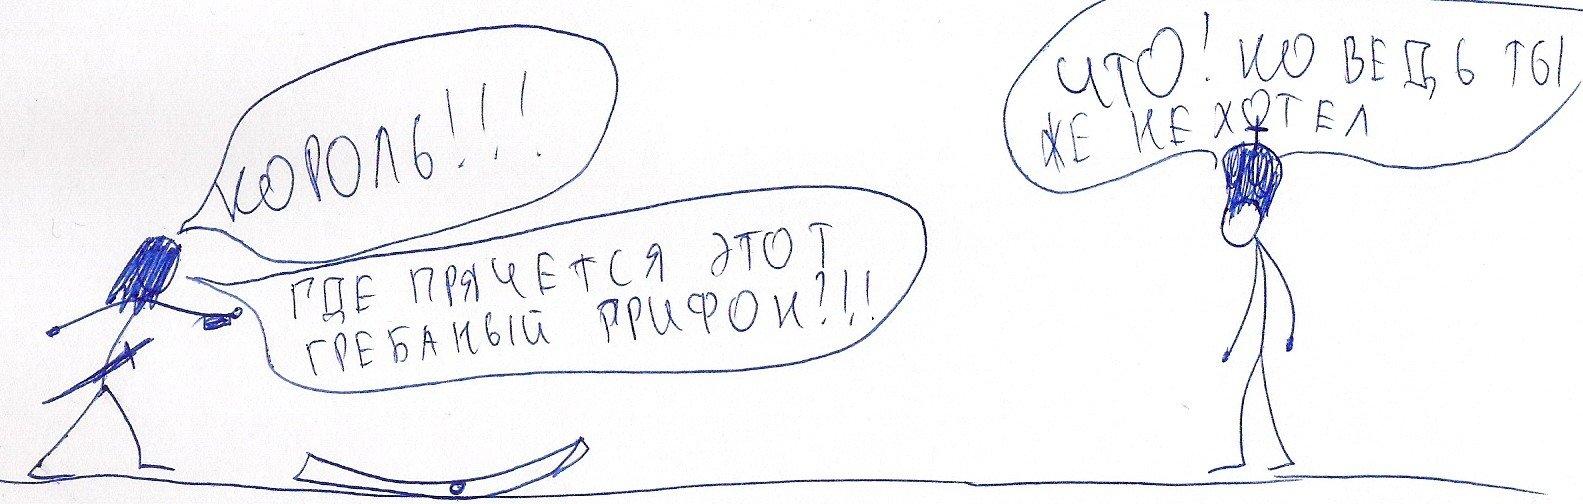 ОХОТНИК НА МОНСТРОВ (ГРИФОН ЧАСТЬ 2) - Изображение 2